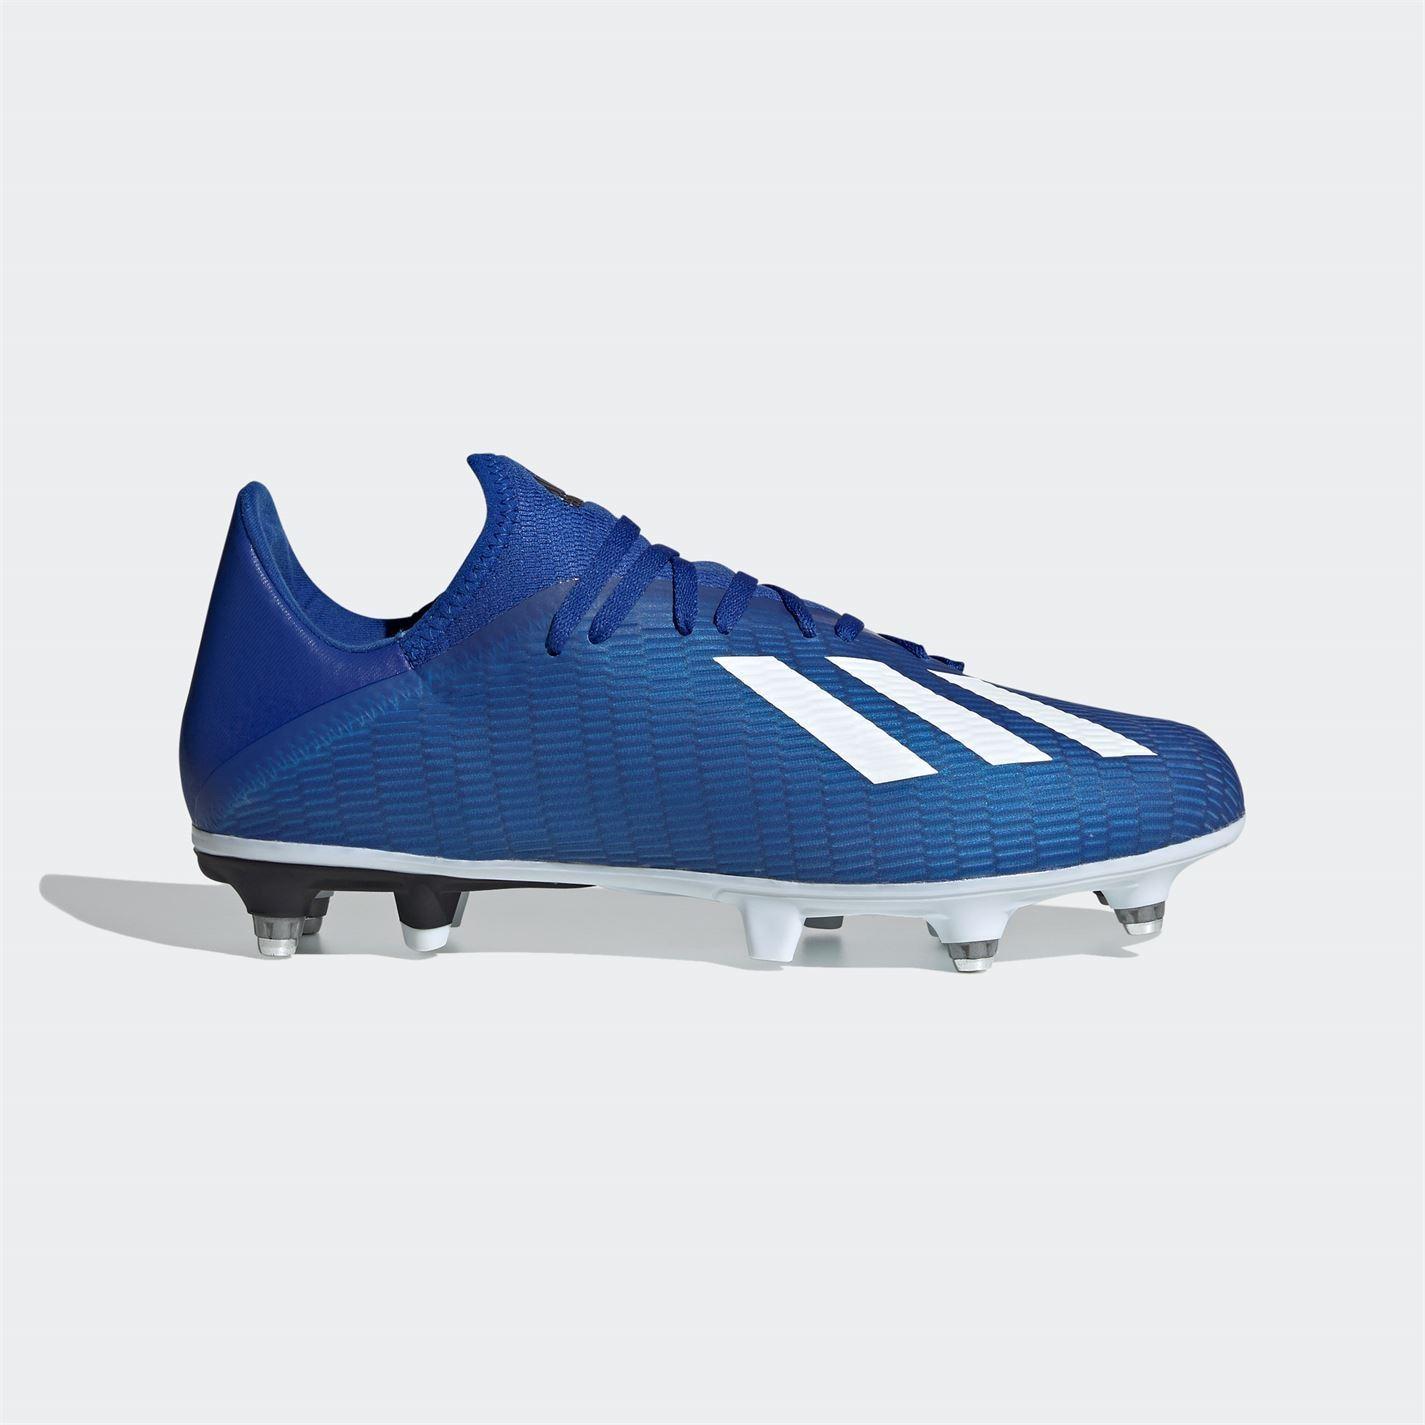 Adidas-X-19-3-Homme-SG-Terrain-Souple-Chaussures-De-Football-Chaussures-de-Foot-Crampons-Baskets miniature 8